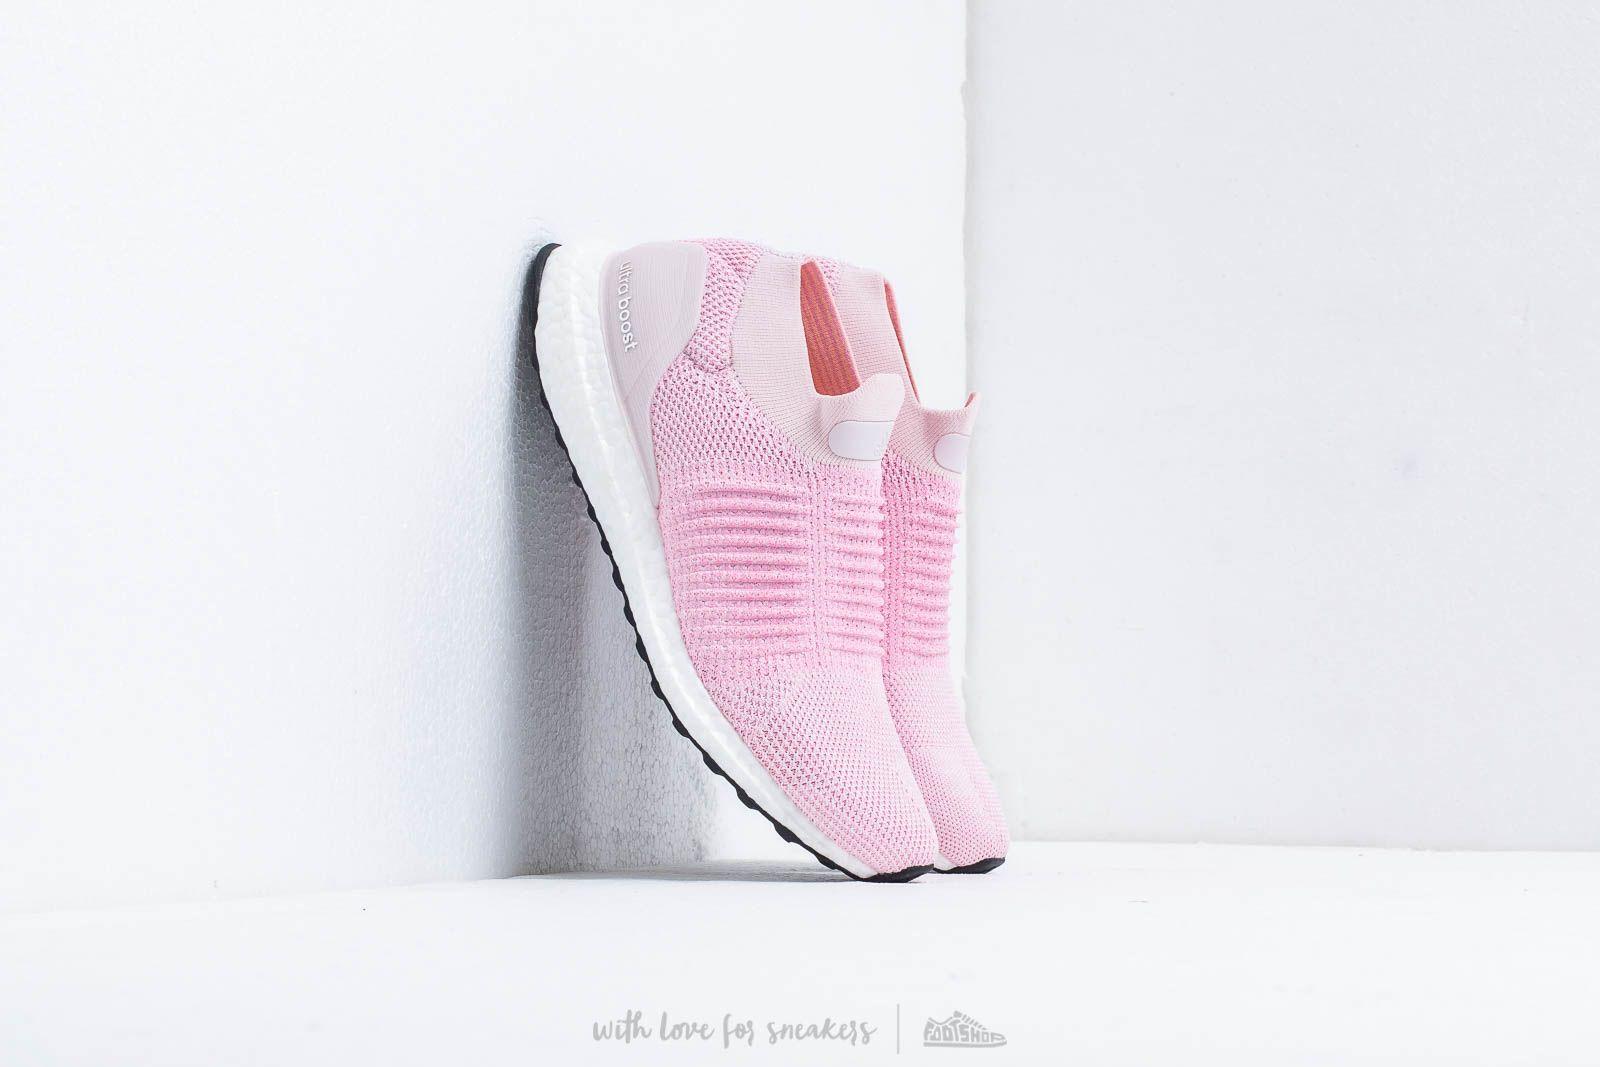 adidas Ultraboost Laceless W Ocru Tint  True Pink  Carbon a muy buen precio  177 f935d42d28726